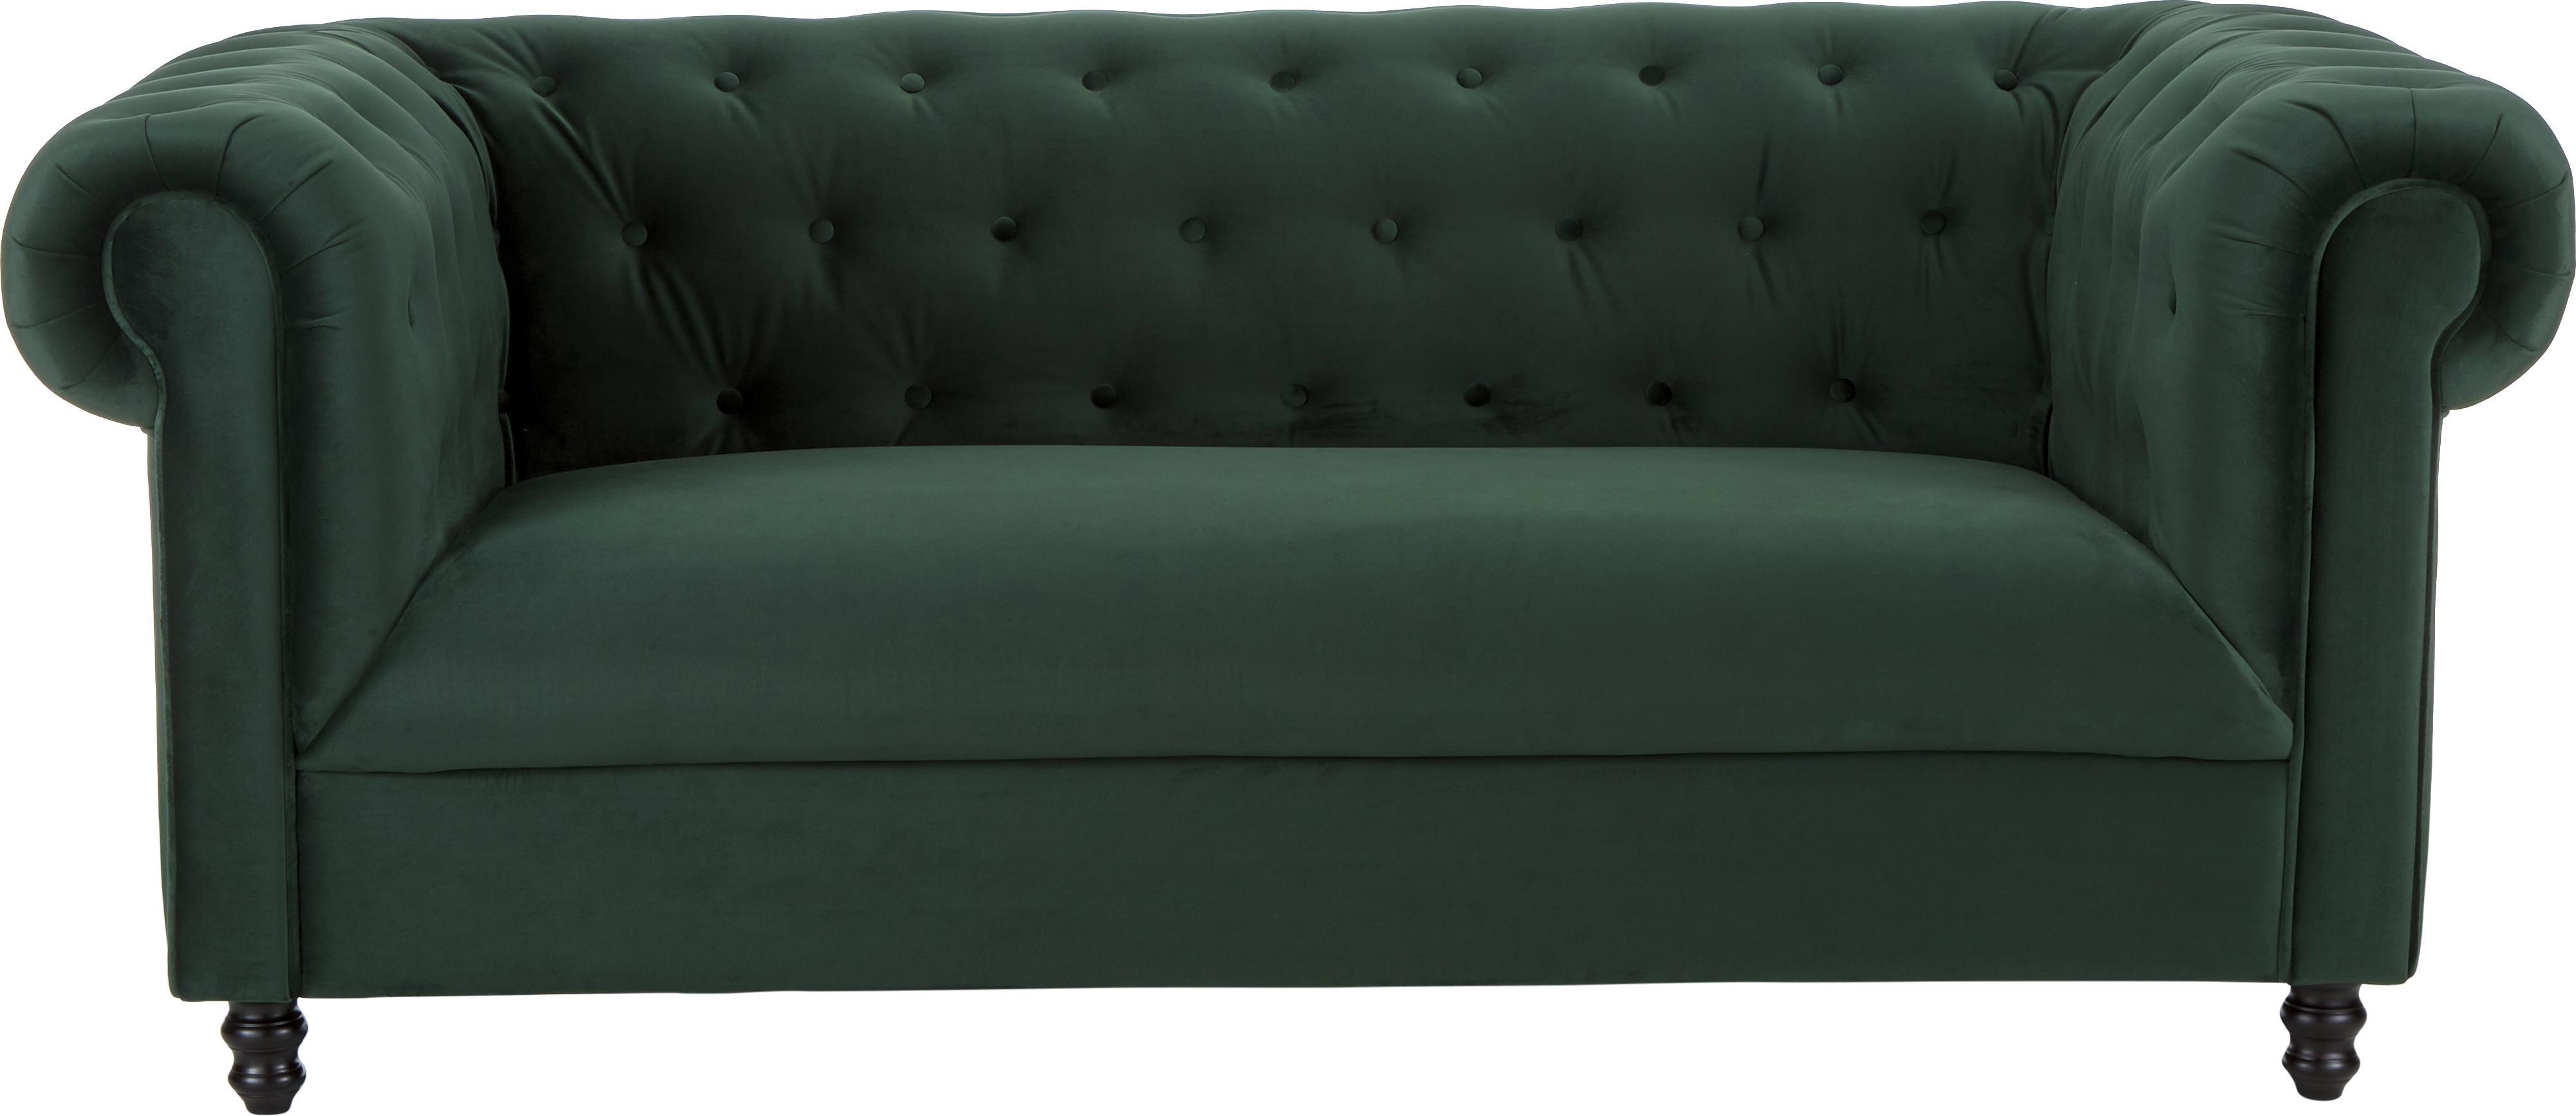 Chesterfield Samt-Sofa Chester (2-Sitzer), Bezug: Polyestersamt 20.000 Sche, Füße: Massives Eichenholz und N, Samt Waldgrün, B 186 x T 94 cm